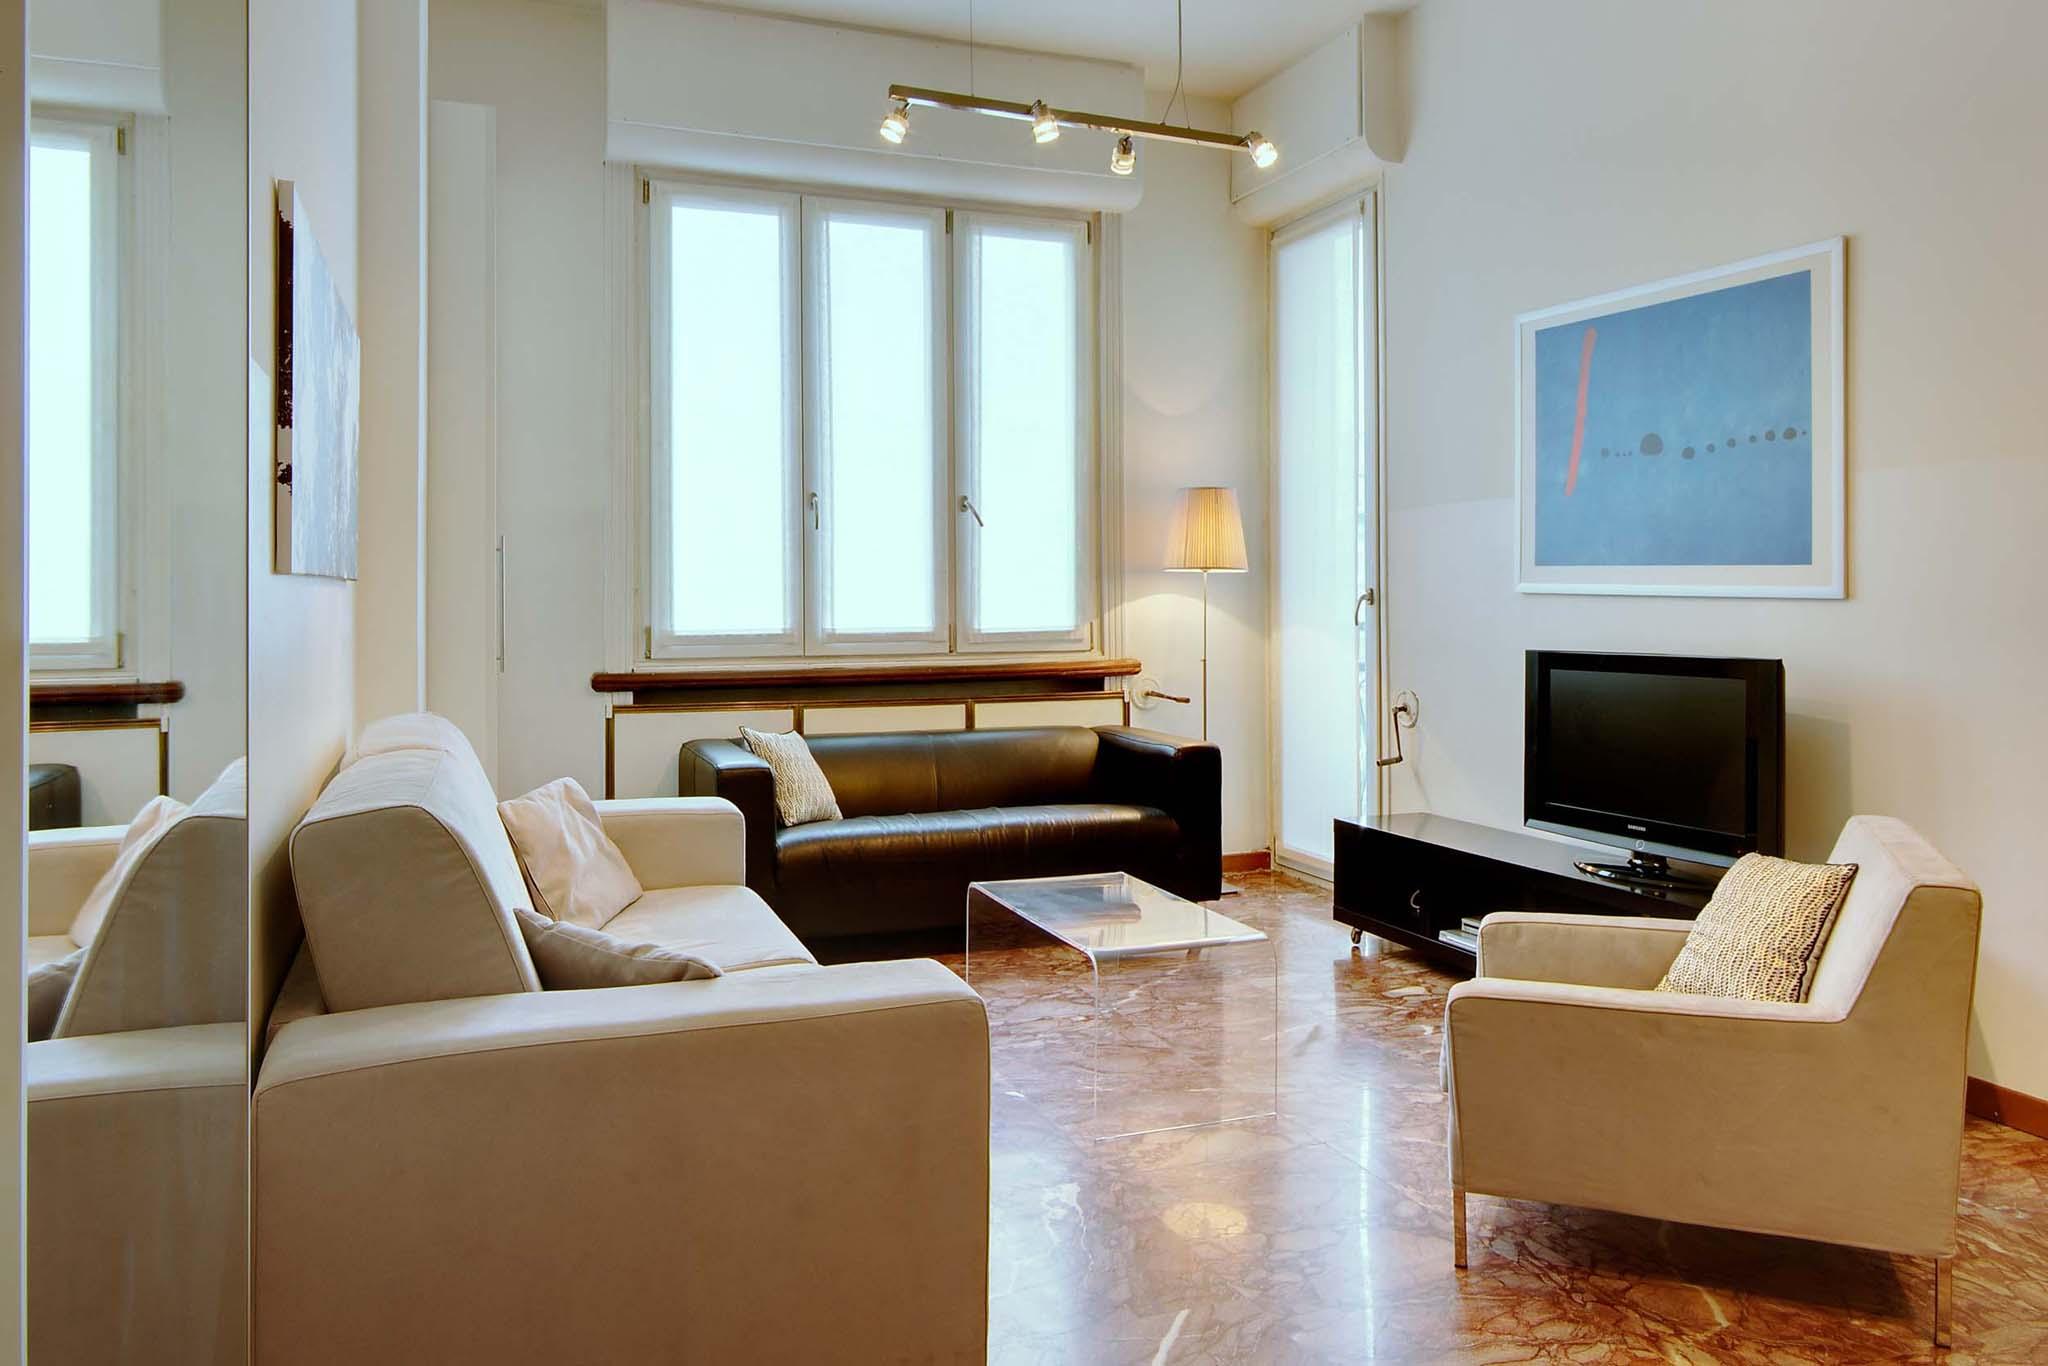 Costo case milano amazing selezione with costo case for Casa tua arredamenti rovereto